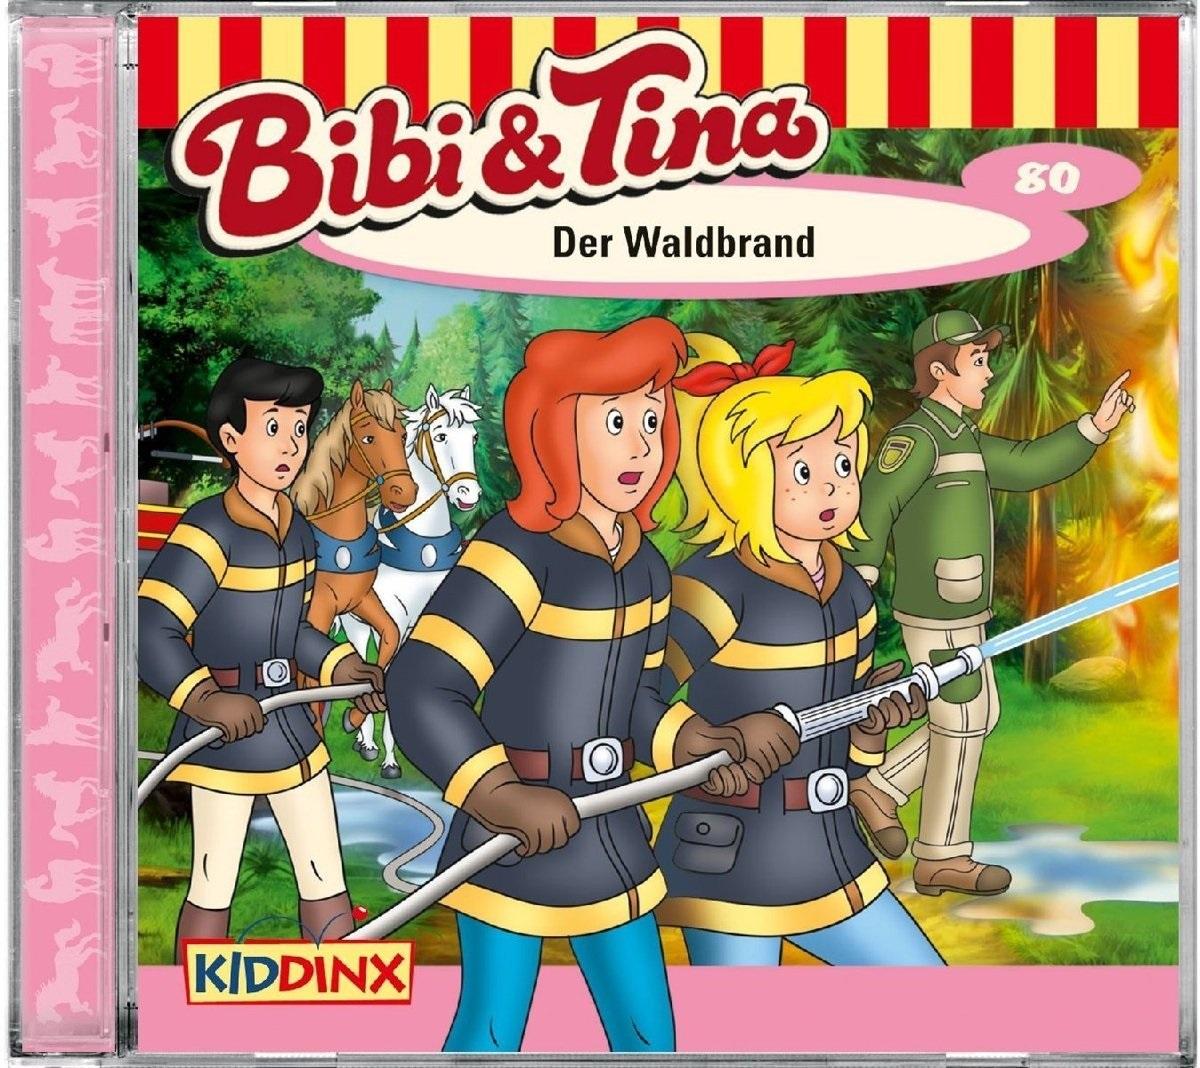 Bibi und Tina - Folge 80: der Waldbrand